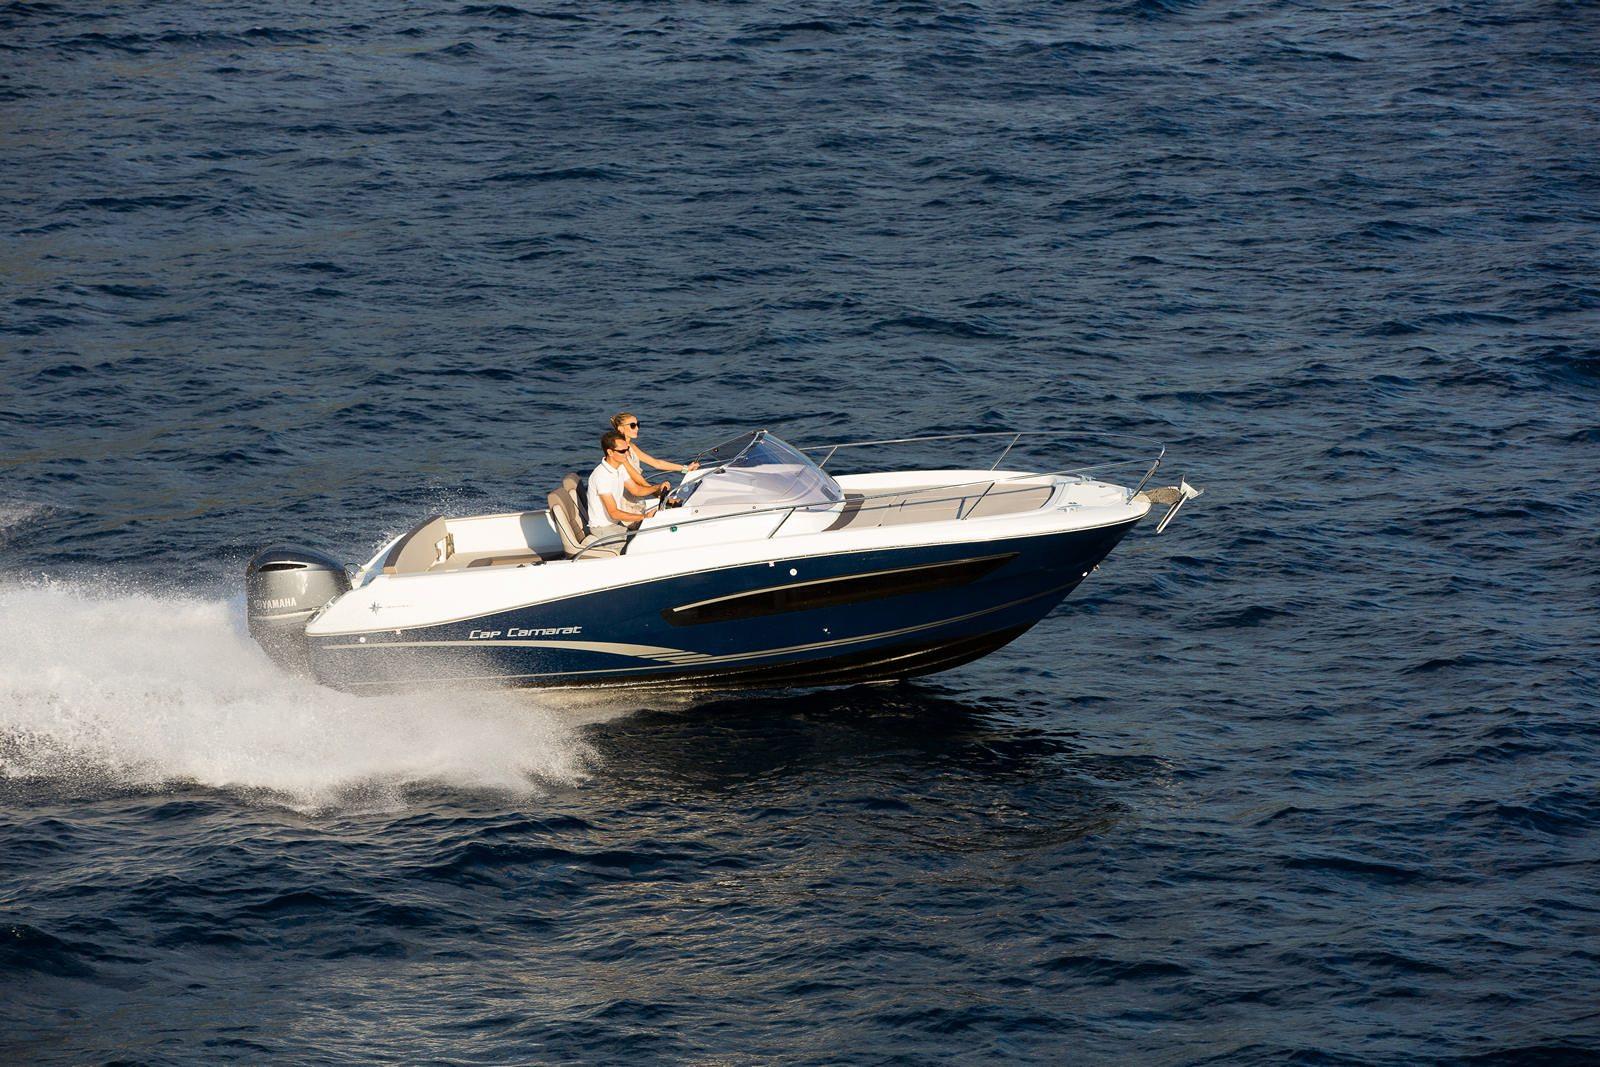 סירת מנוע JEANNEAU CAP CAMARAT 7.5WA - סירת מנוע JEANNEAU CAP CAMARAT 7.5WA - סטרים יאכטות